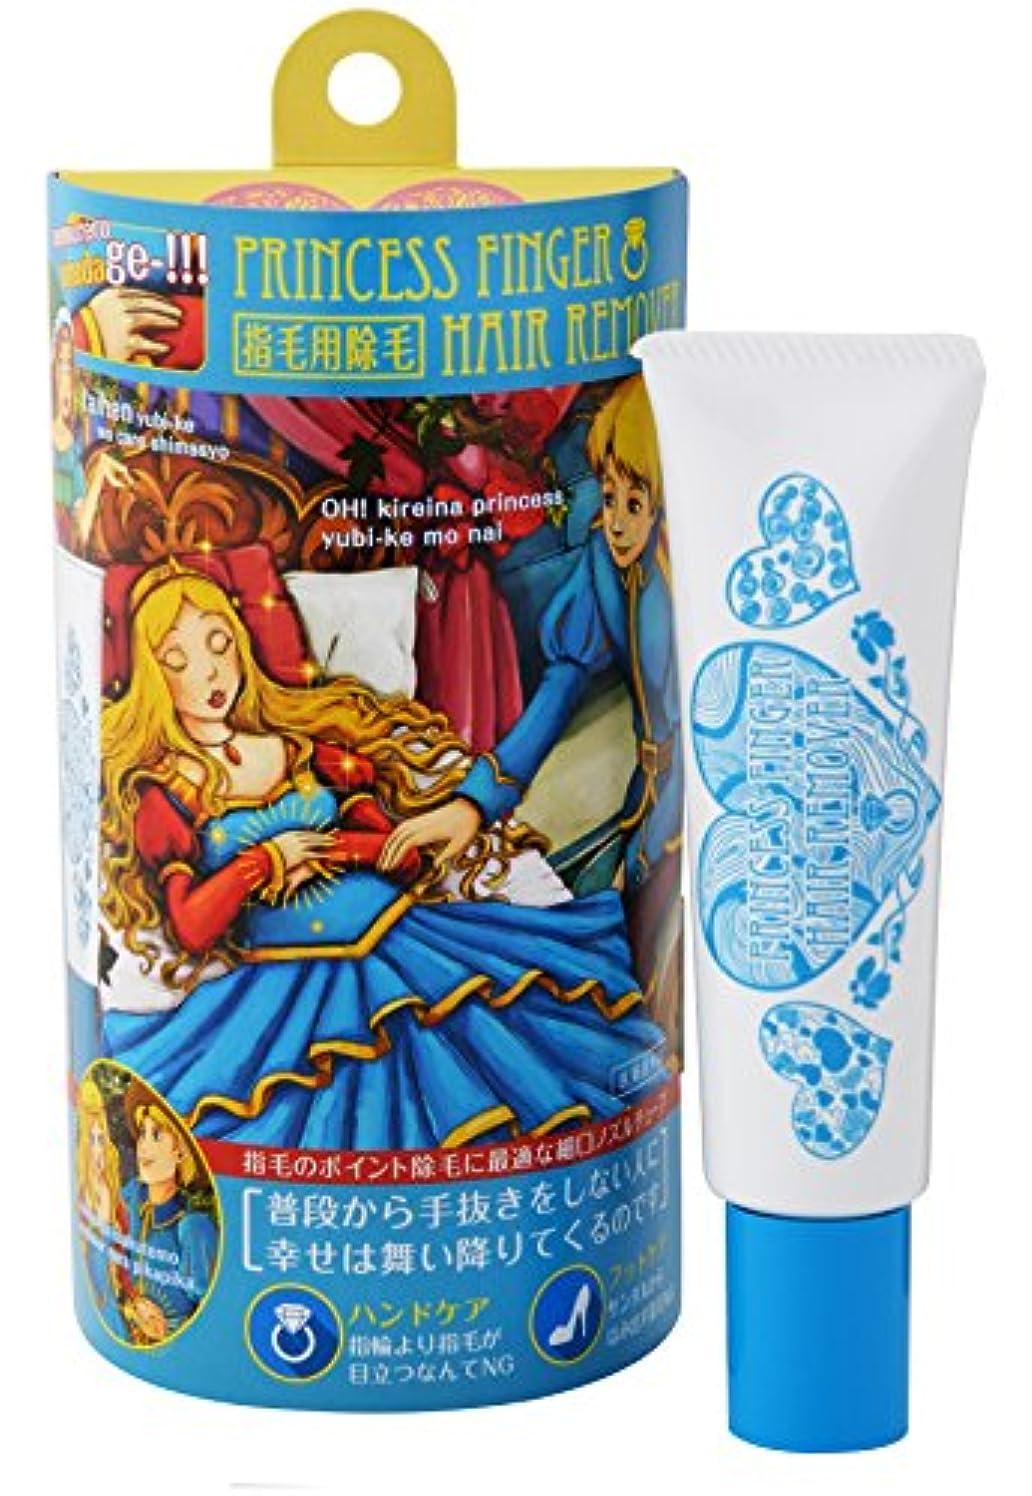 擬人によると叫び声プリンセス フィンガー ヘアリムーバー